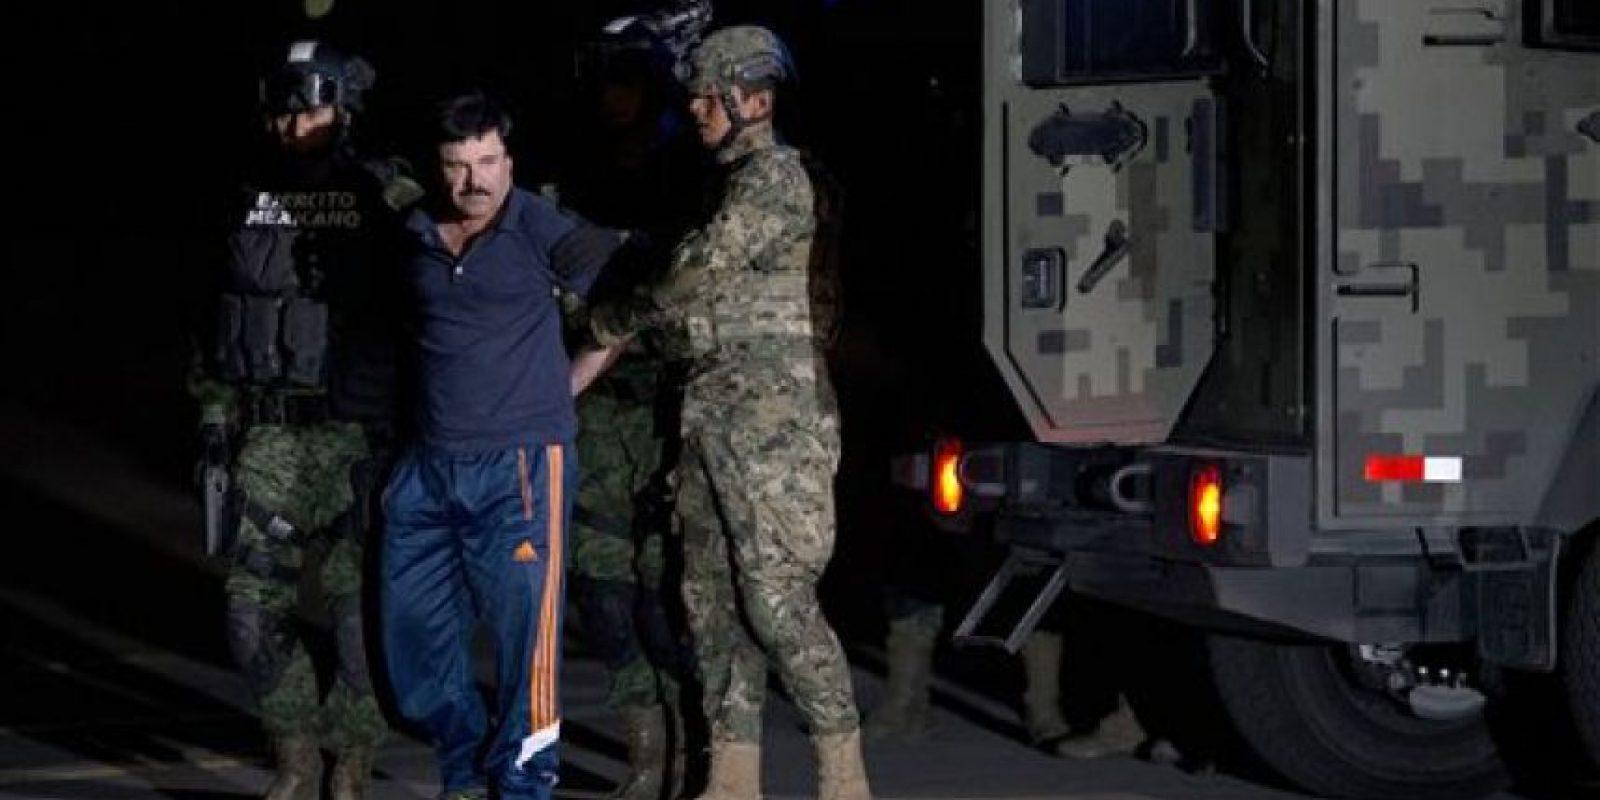 """Hasta el momento """"El Chapo"""" continúa encerrado en el penal """"El Altiplano"""" y se enfrenta a una proceso de extradición a Estados Unidos. Foto:AP. Imagen Por:"""